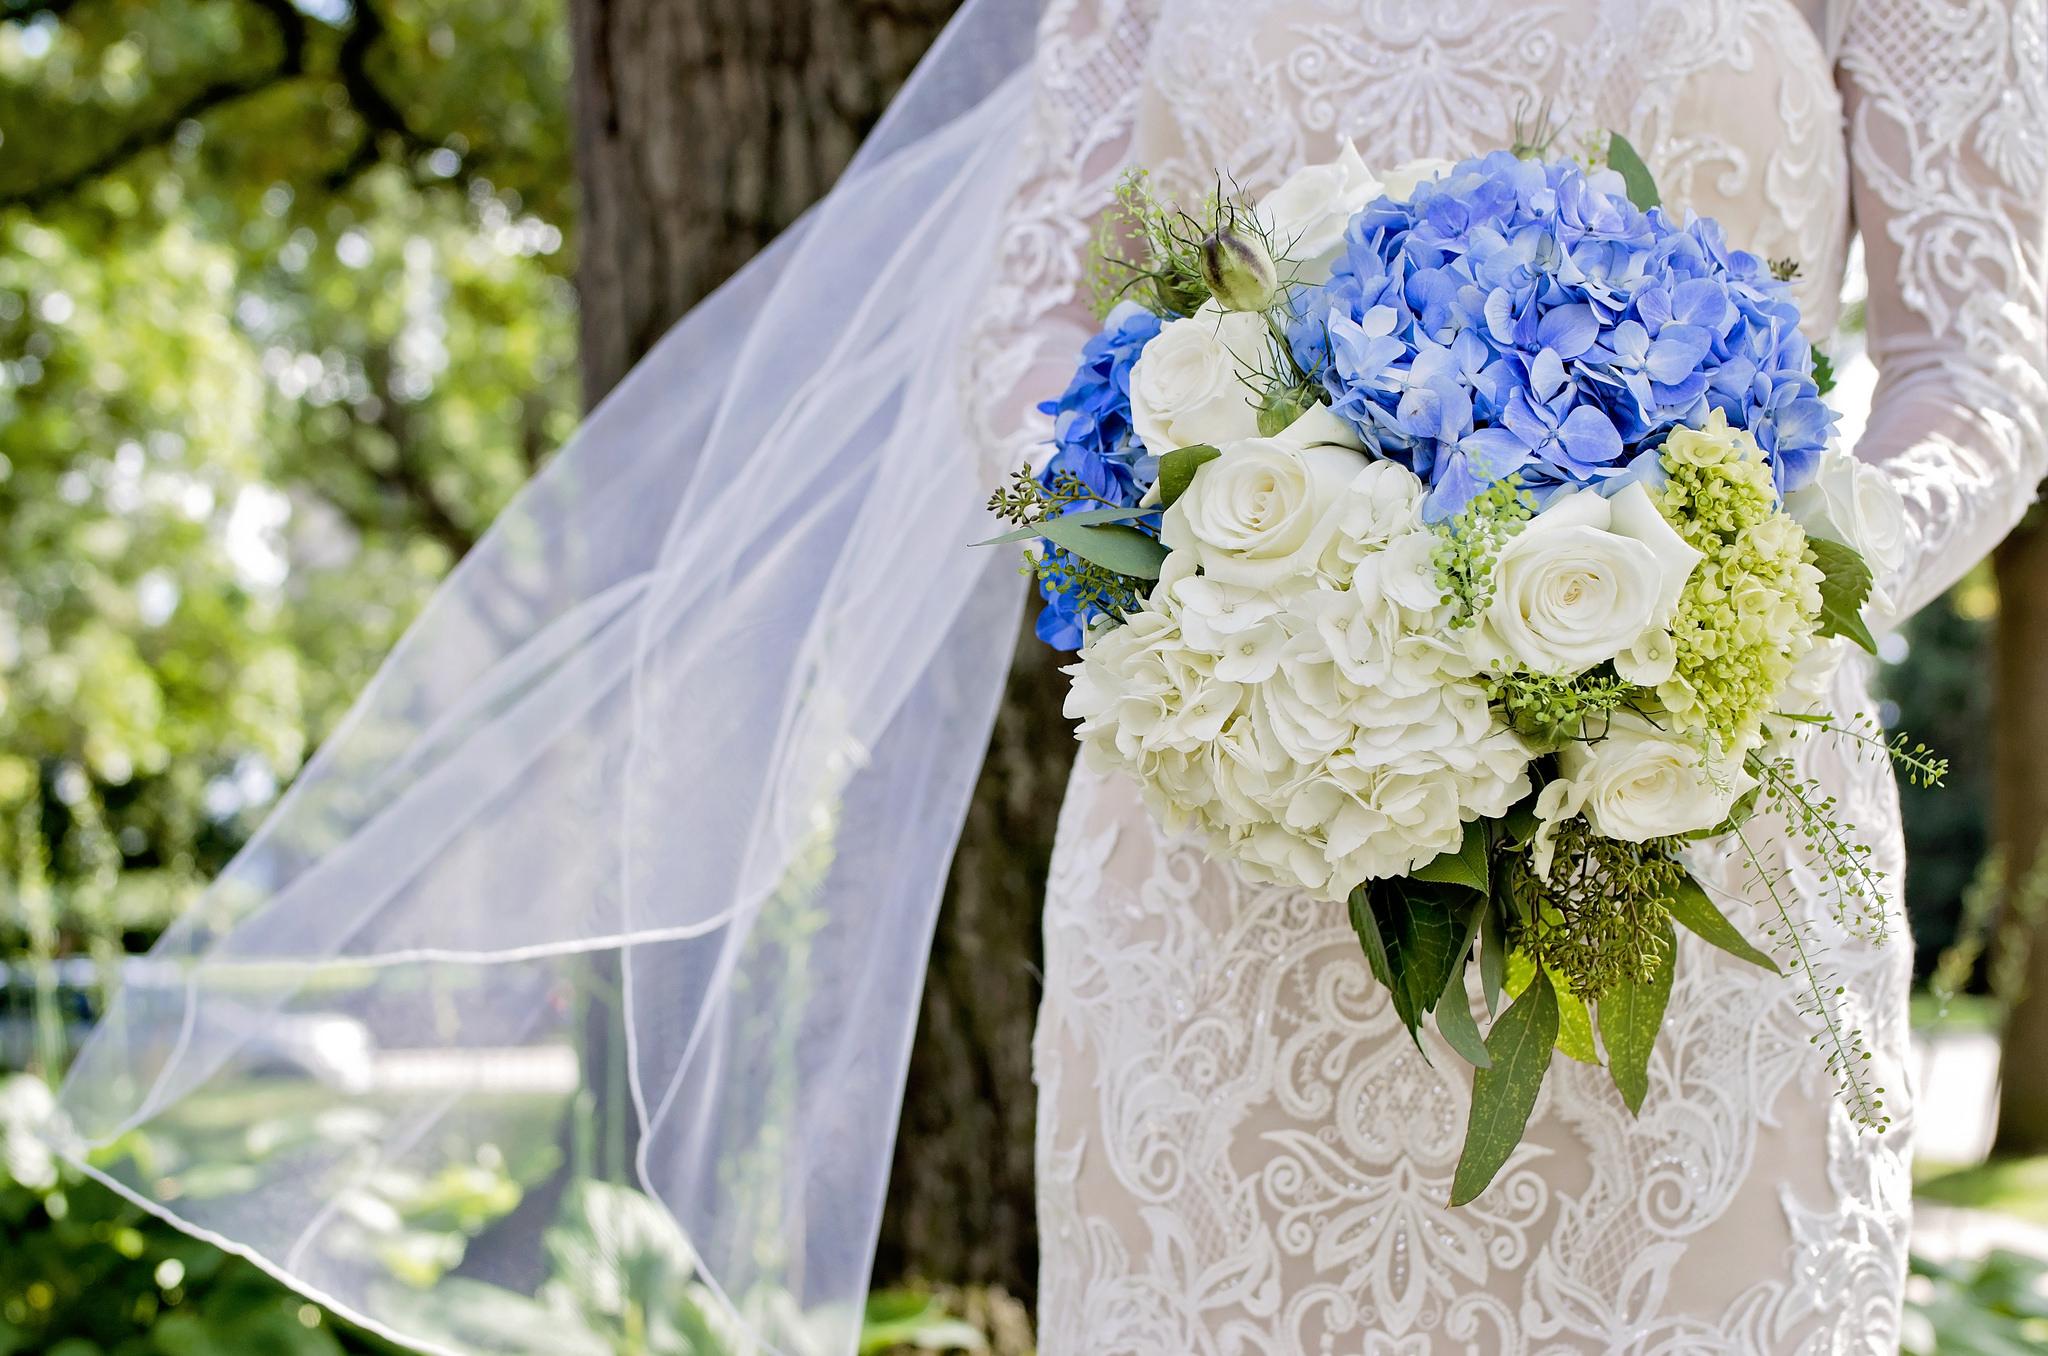 kristine_wedding_brides_spiritedtable_photo02.jpg